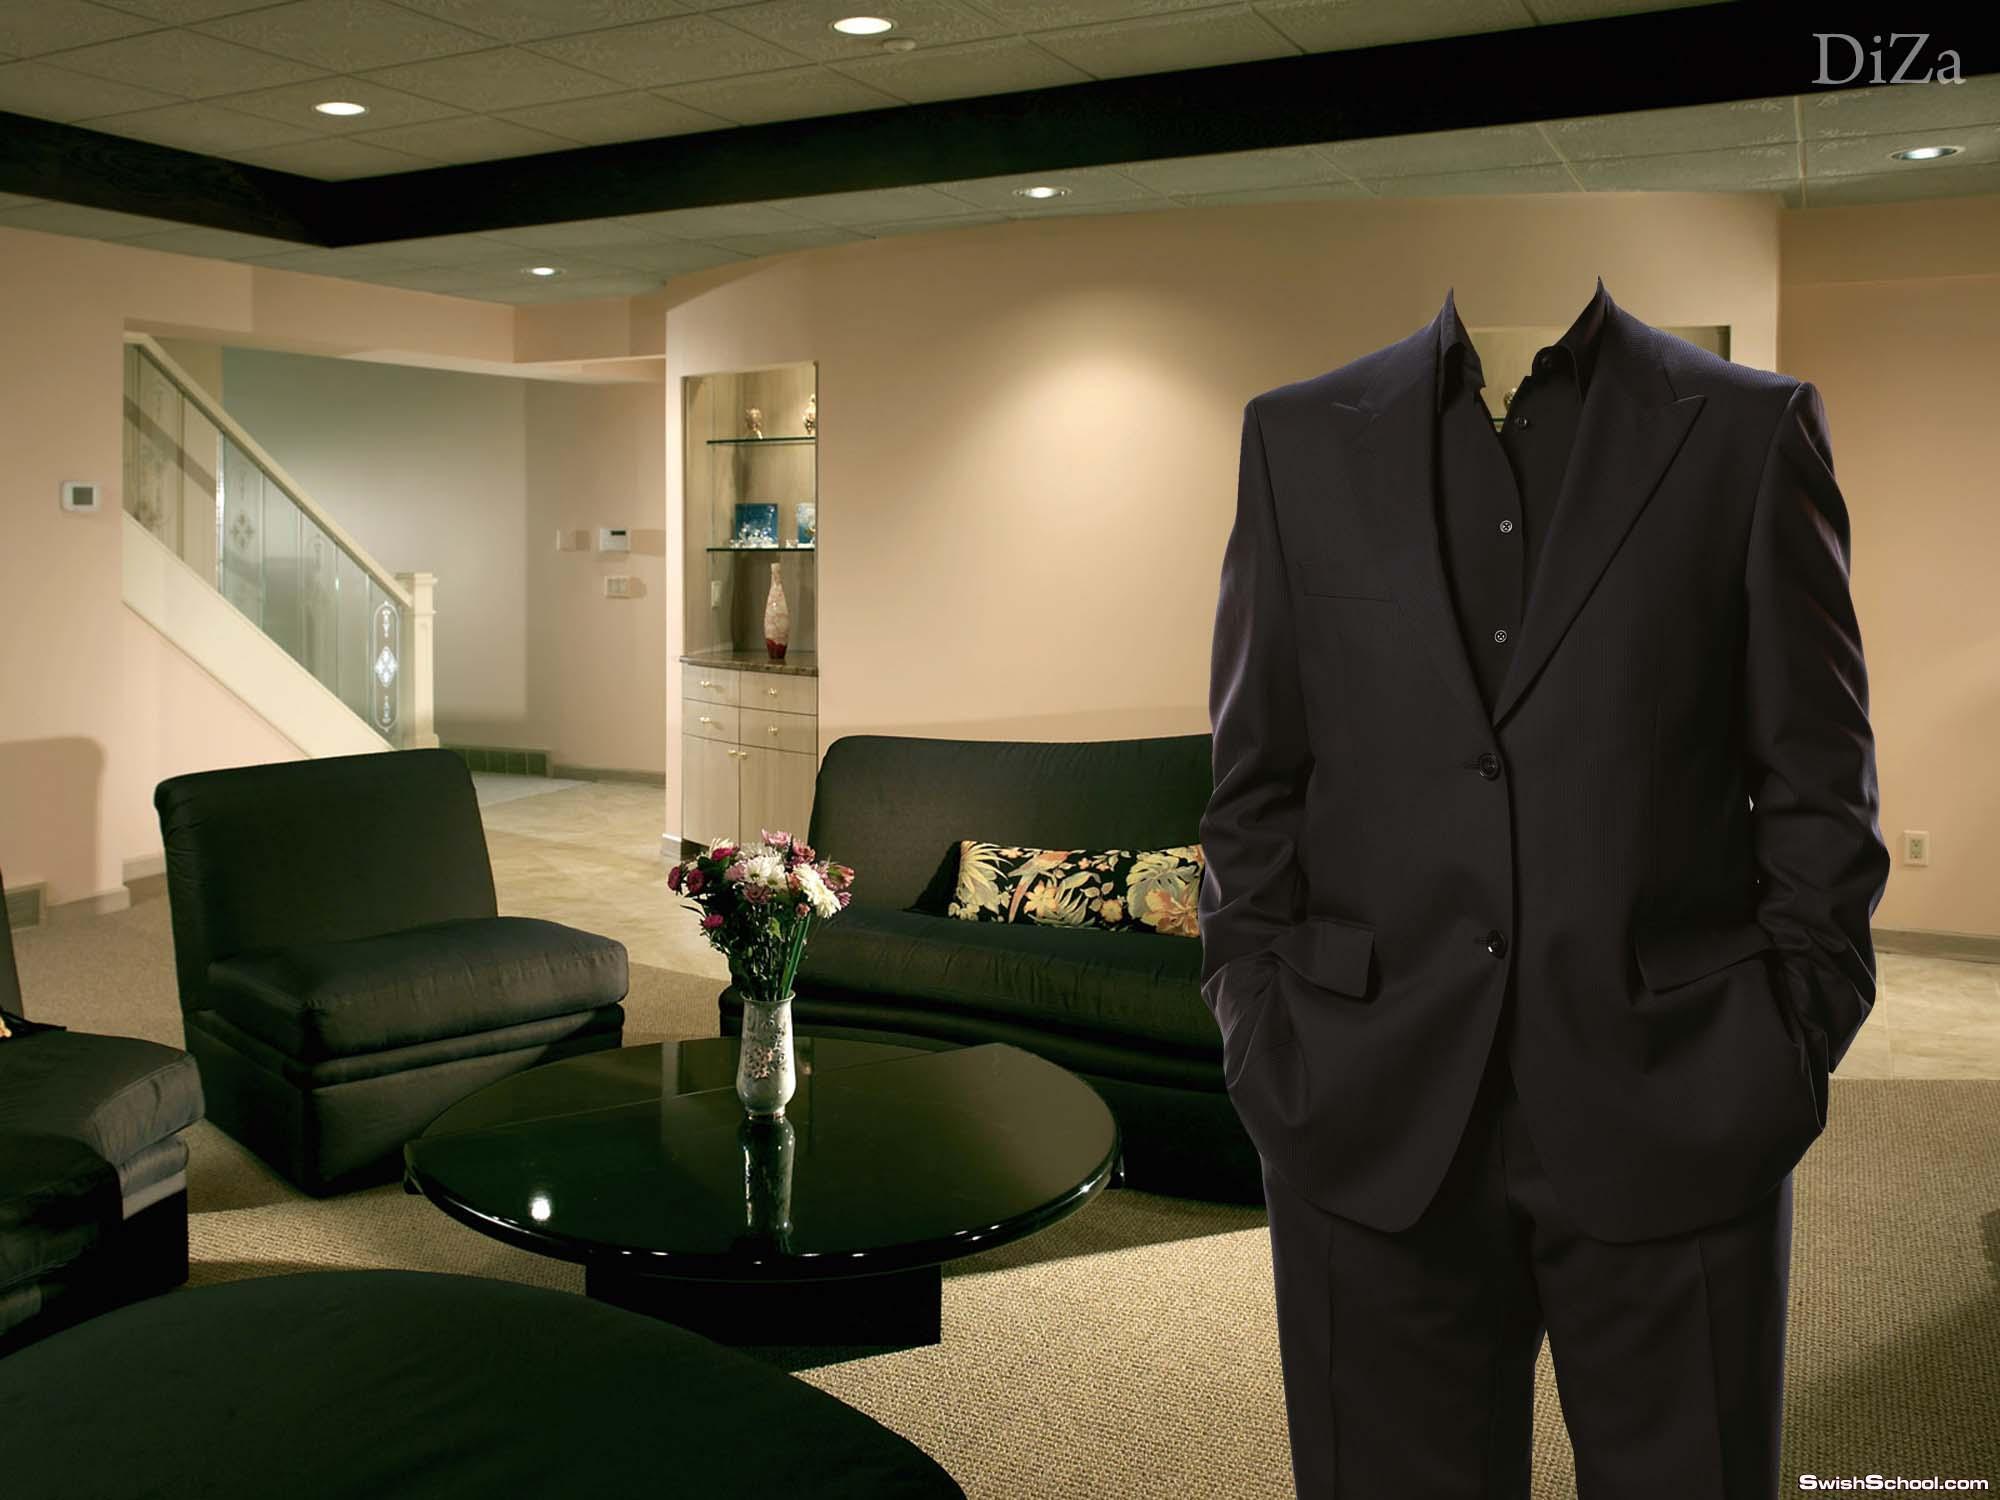 قالب لراجل فى منزله ببدلة سوداء جميلة جدا